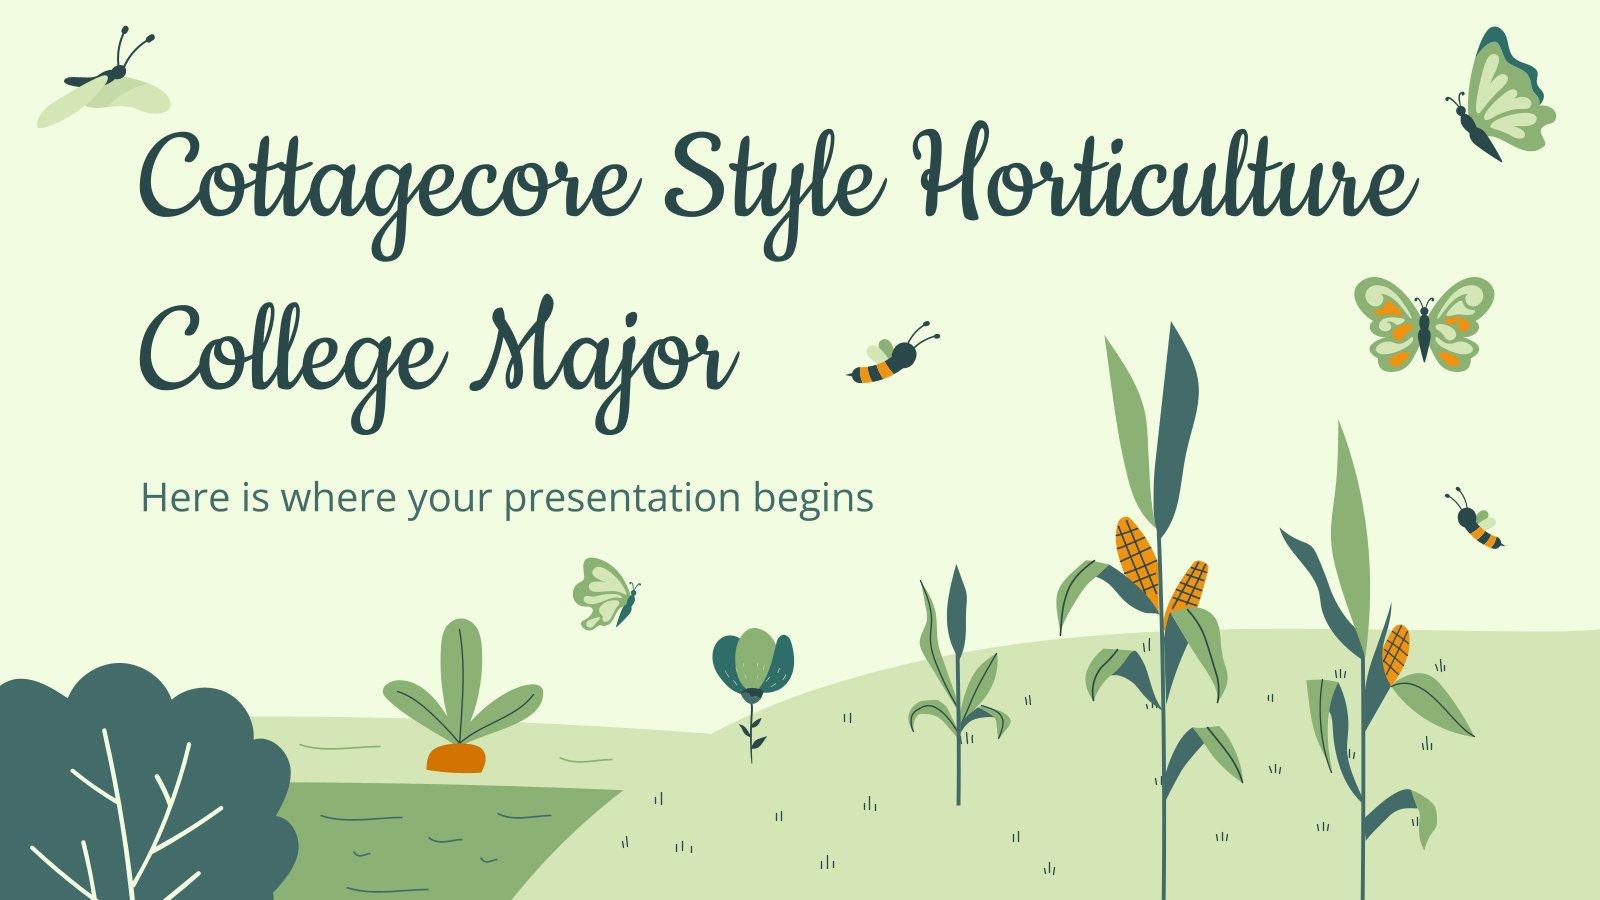 Modelo de apresentação Diploma de horticultura em estilo Cottagecore